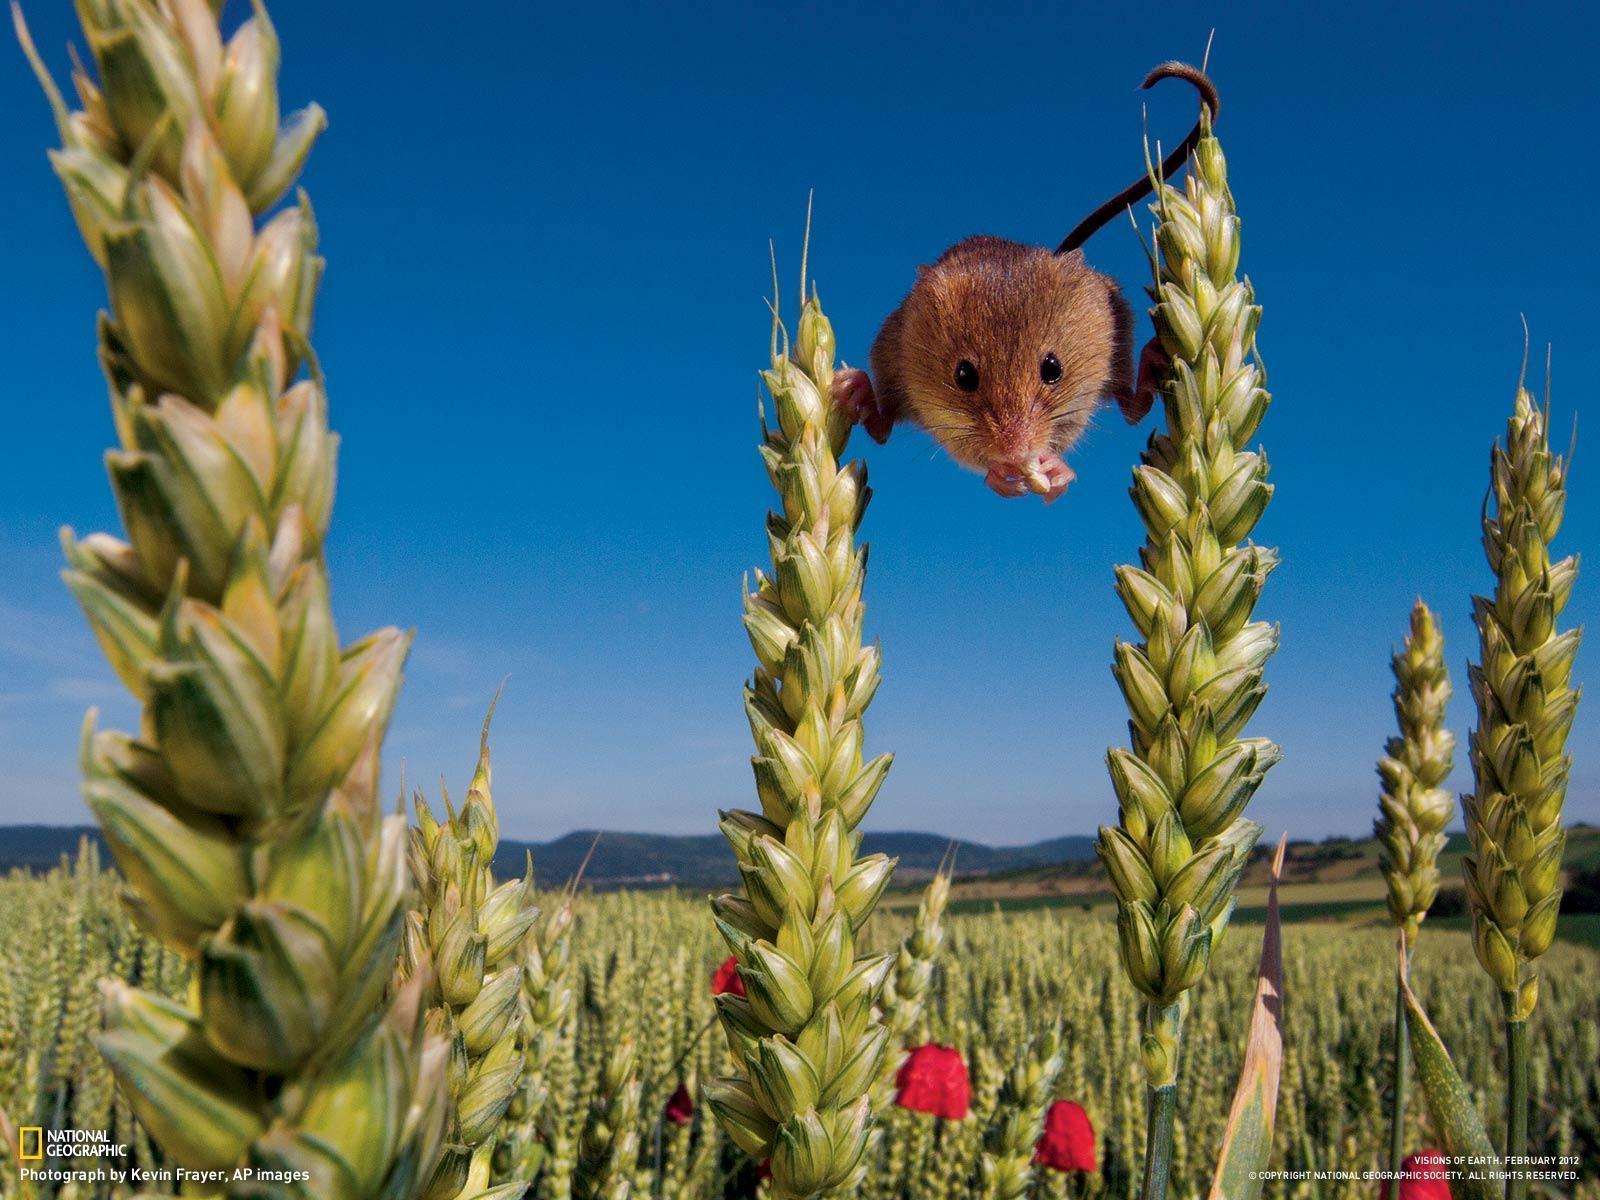 Curso de fotografia y video national geographic 2012 32